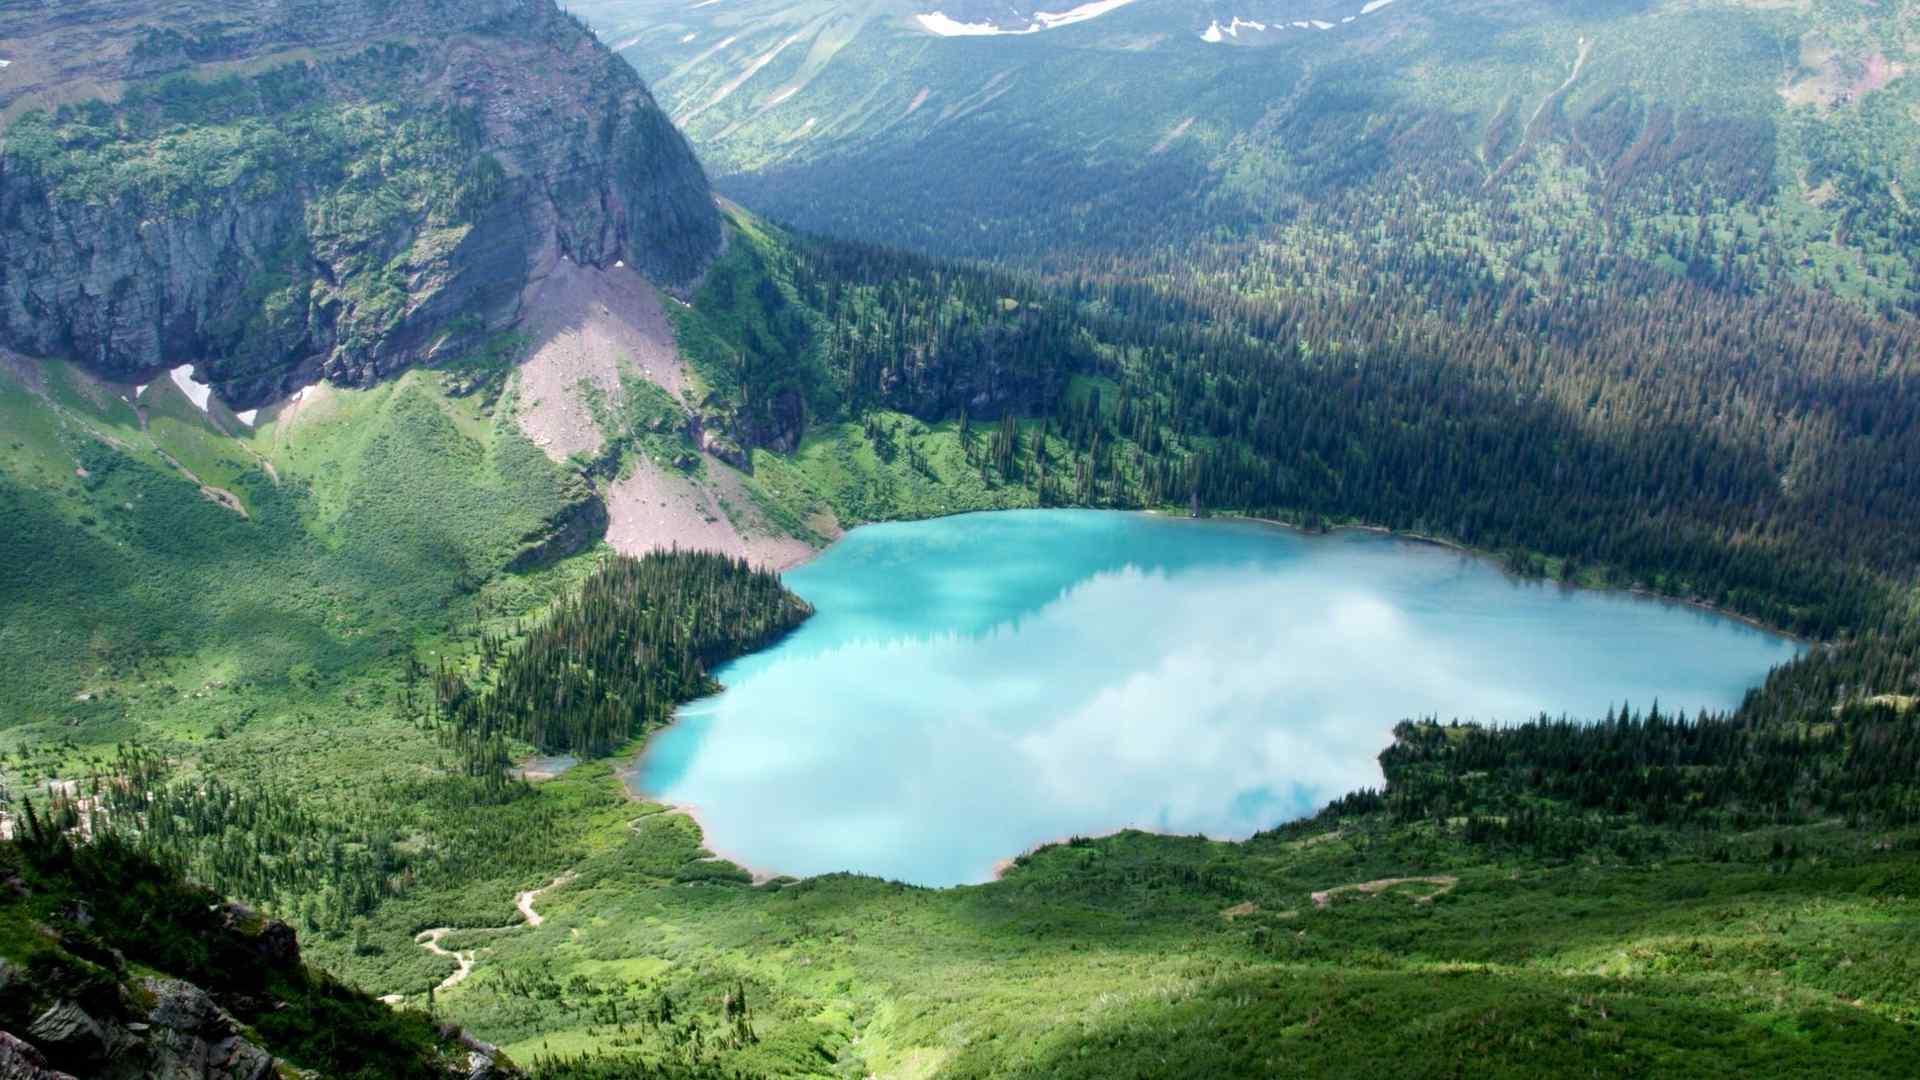 美丽的俄勒冈火山湖国家公园风景图片 -桌面天下(.com